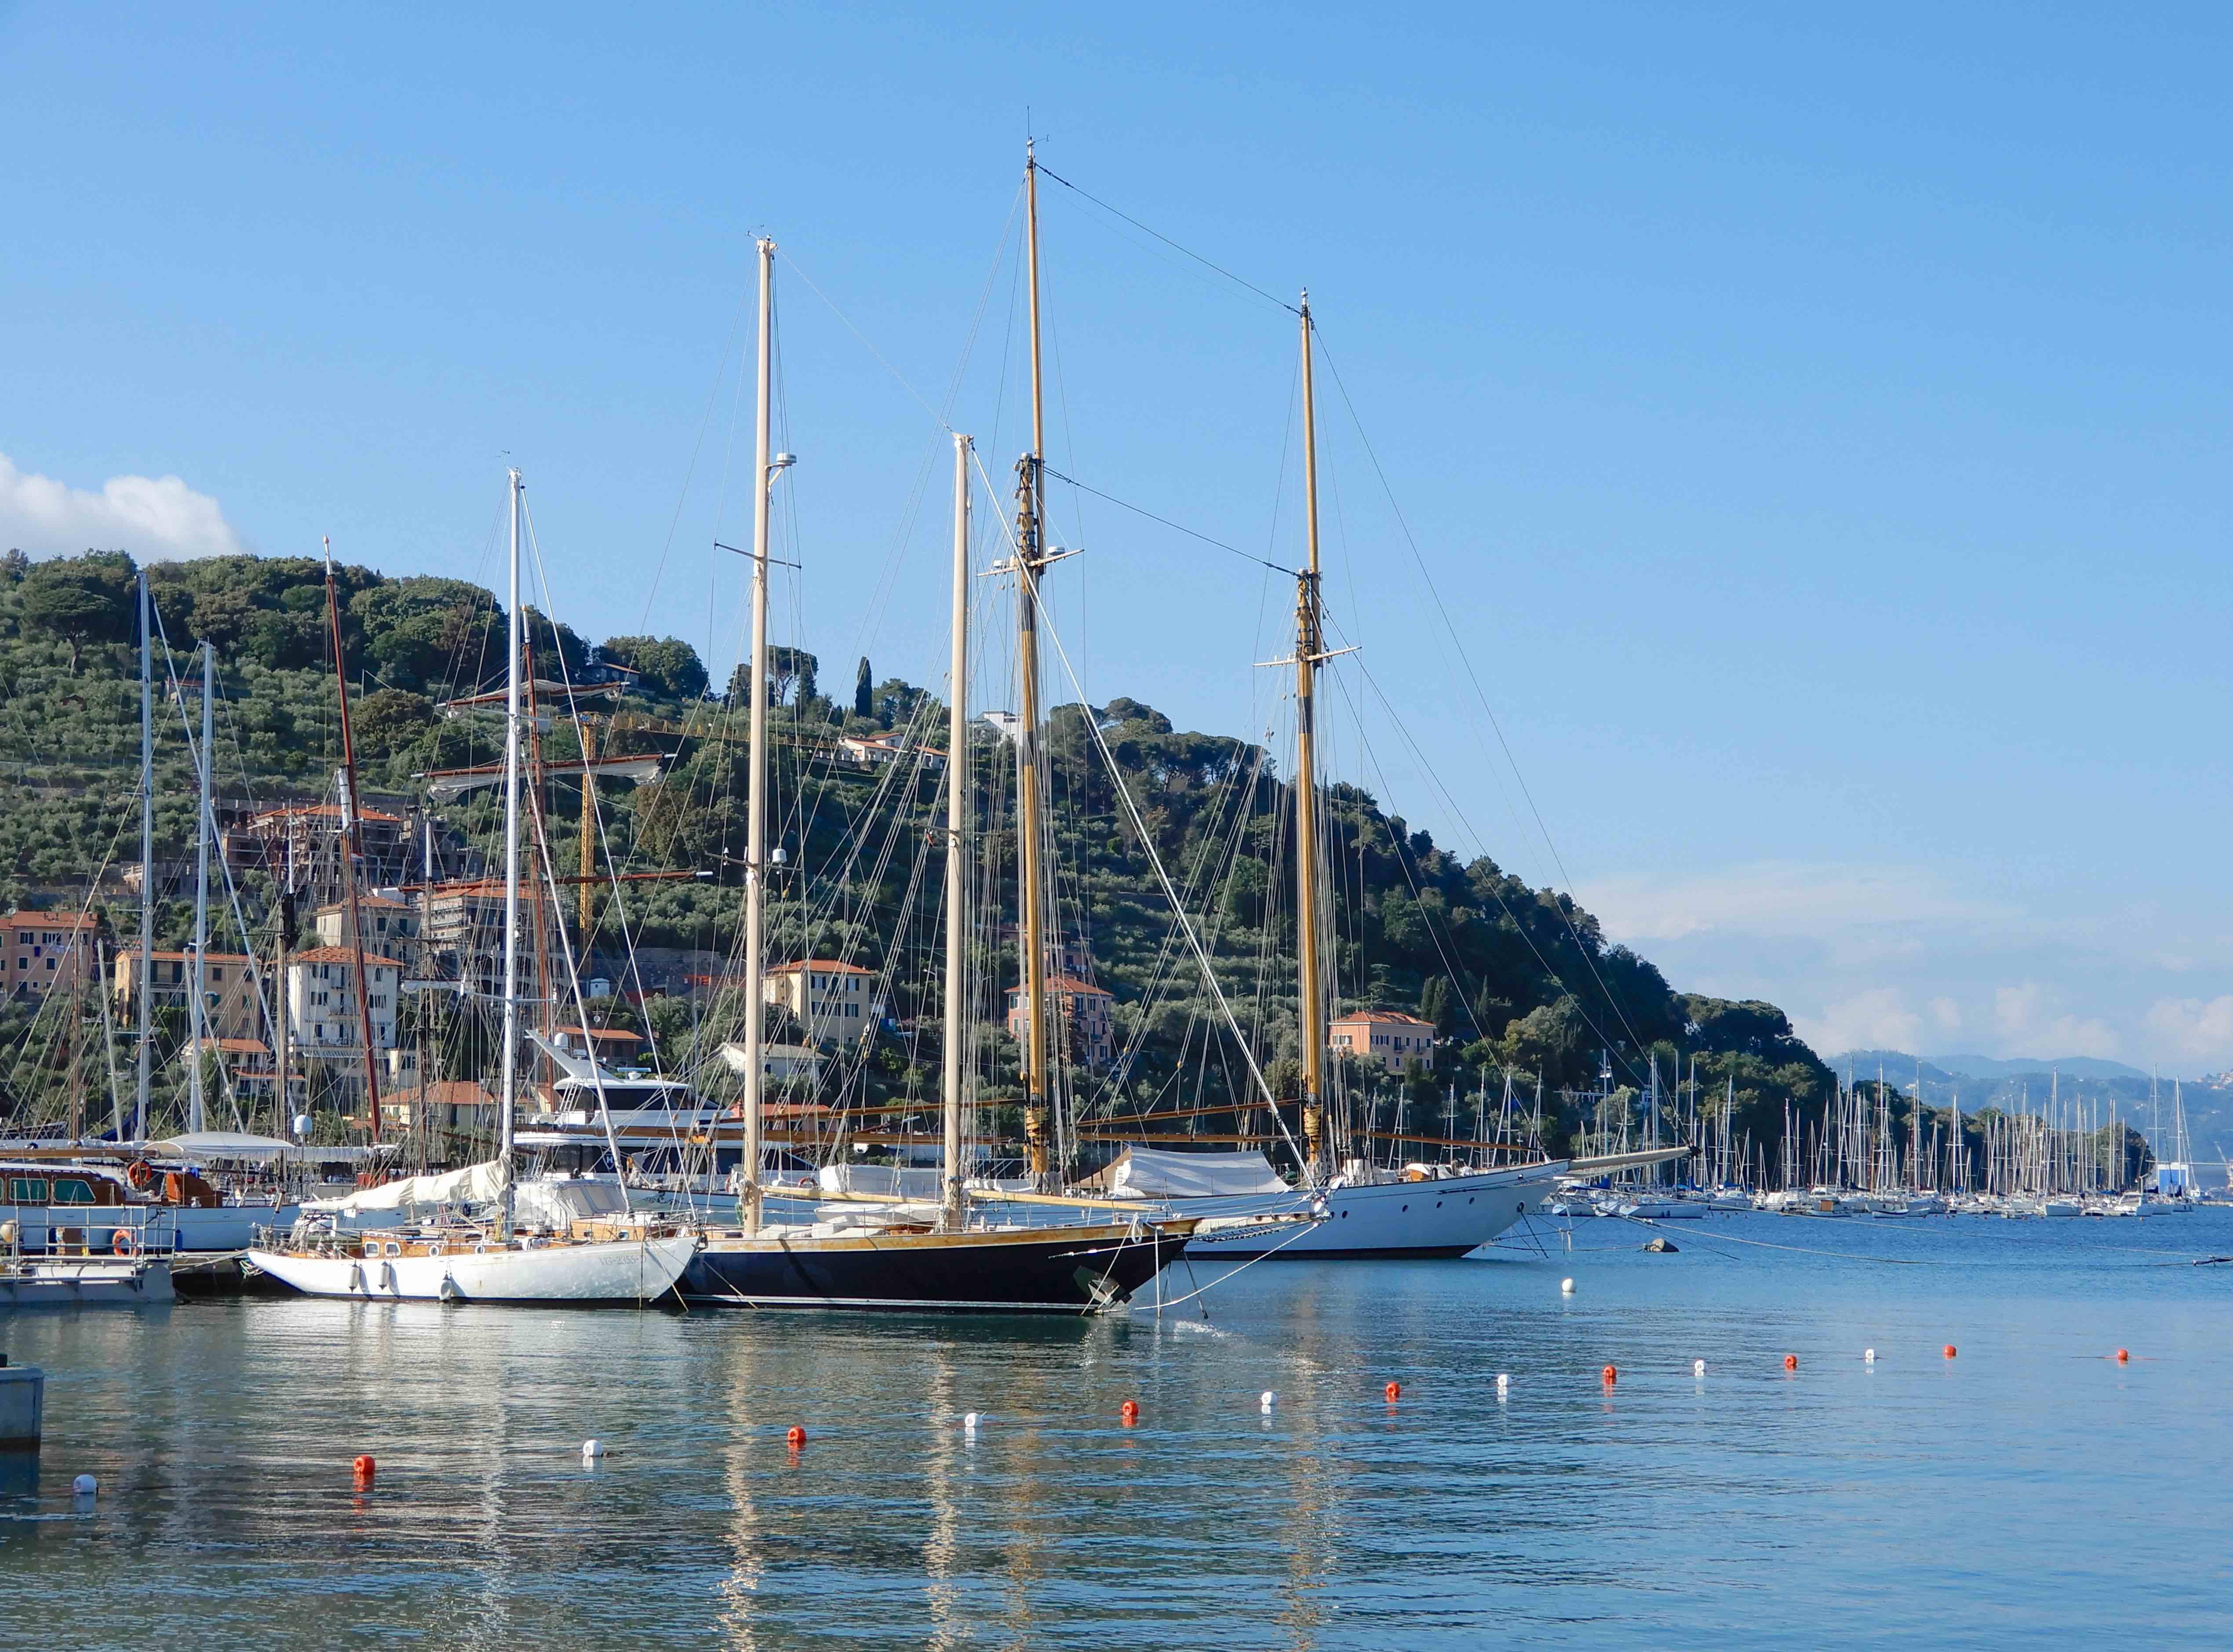 2.Le Grazie harbour